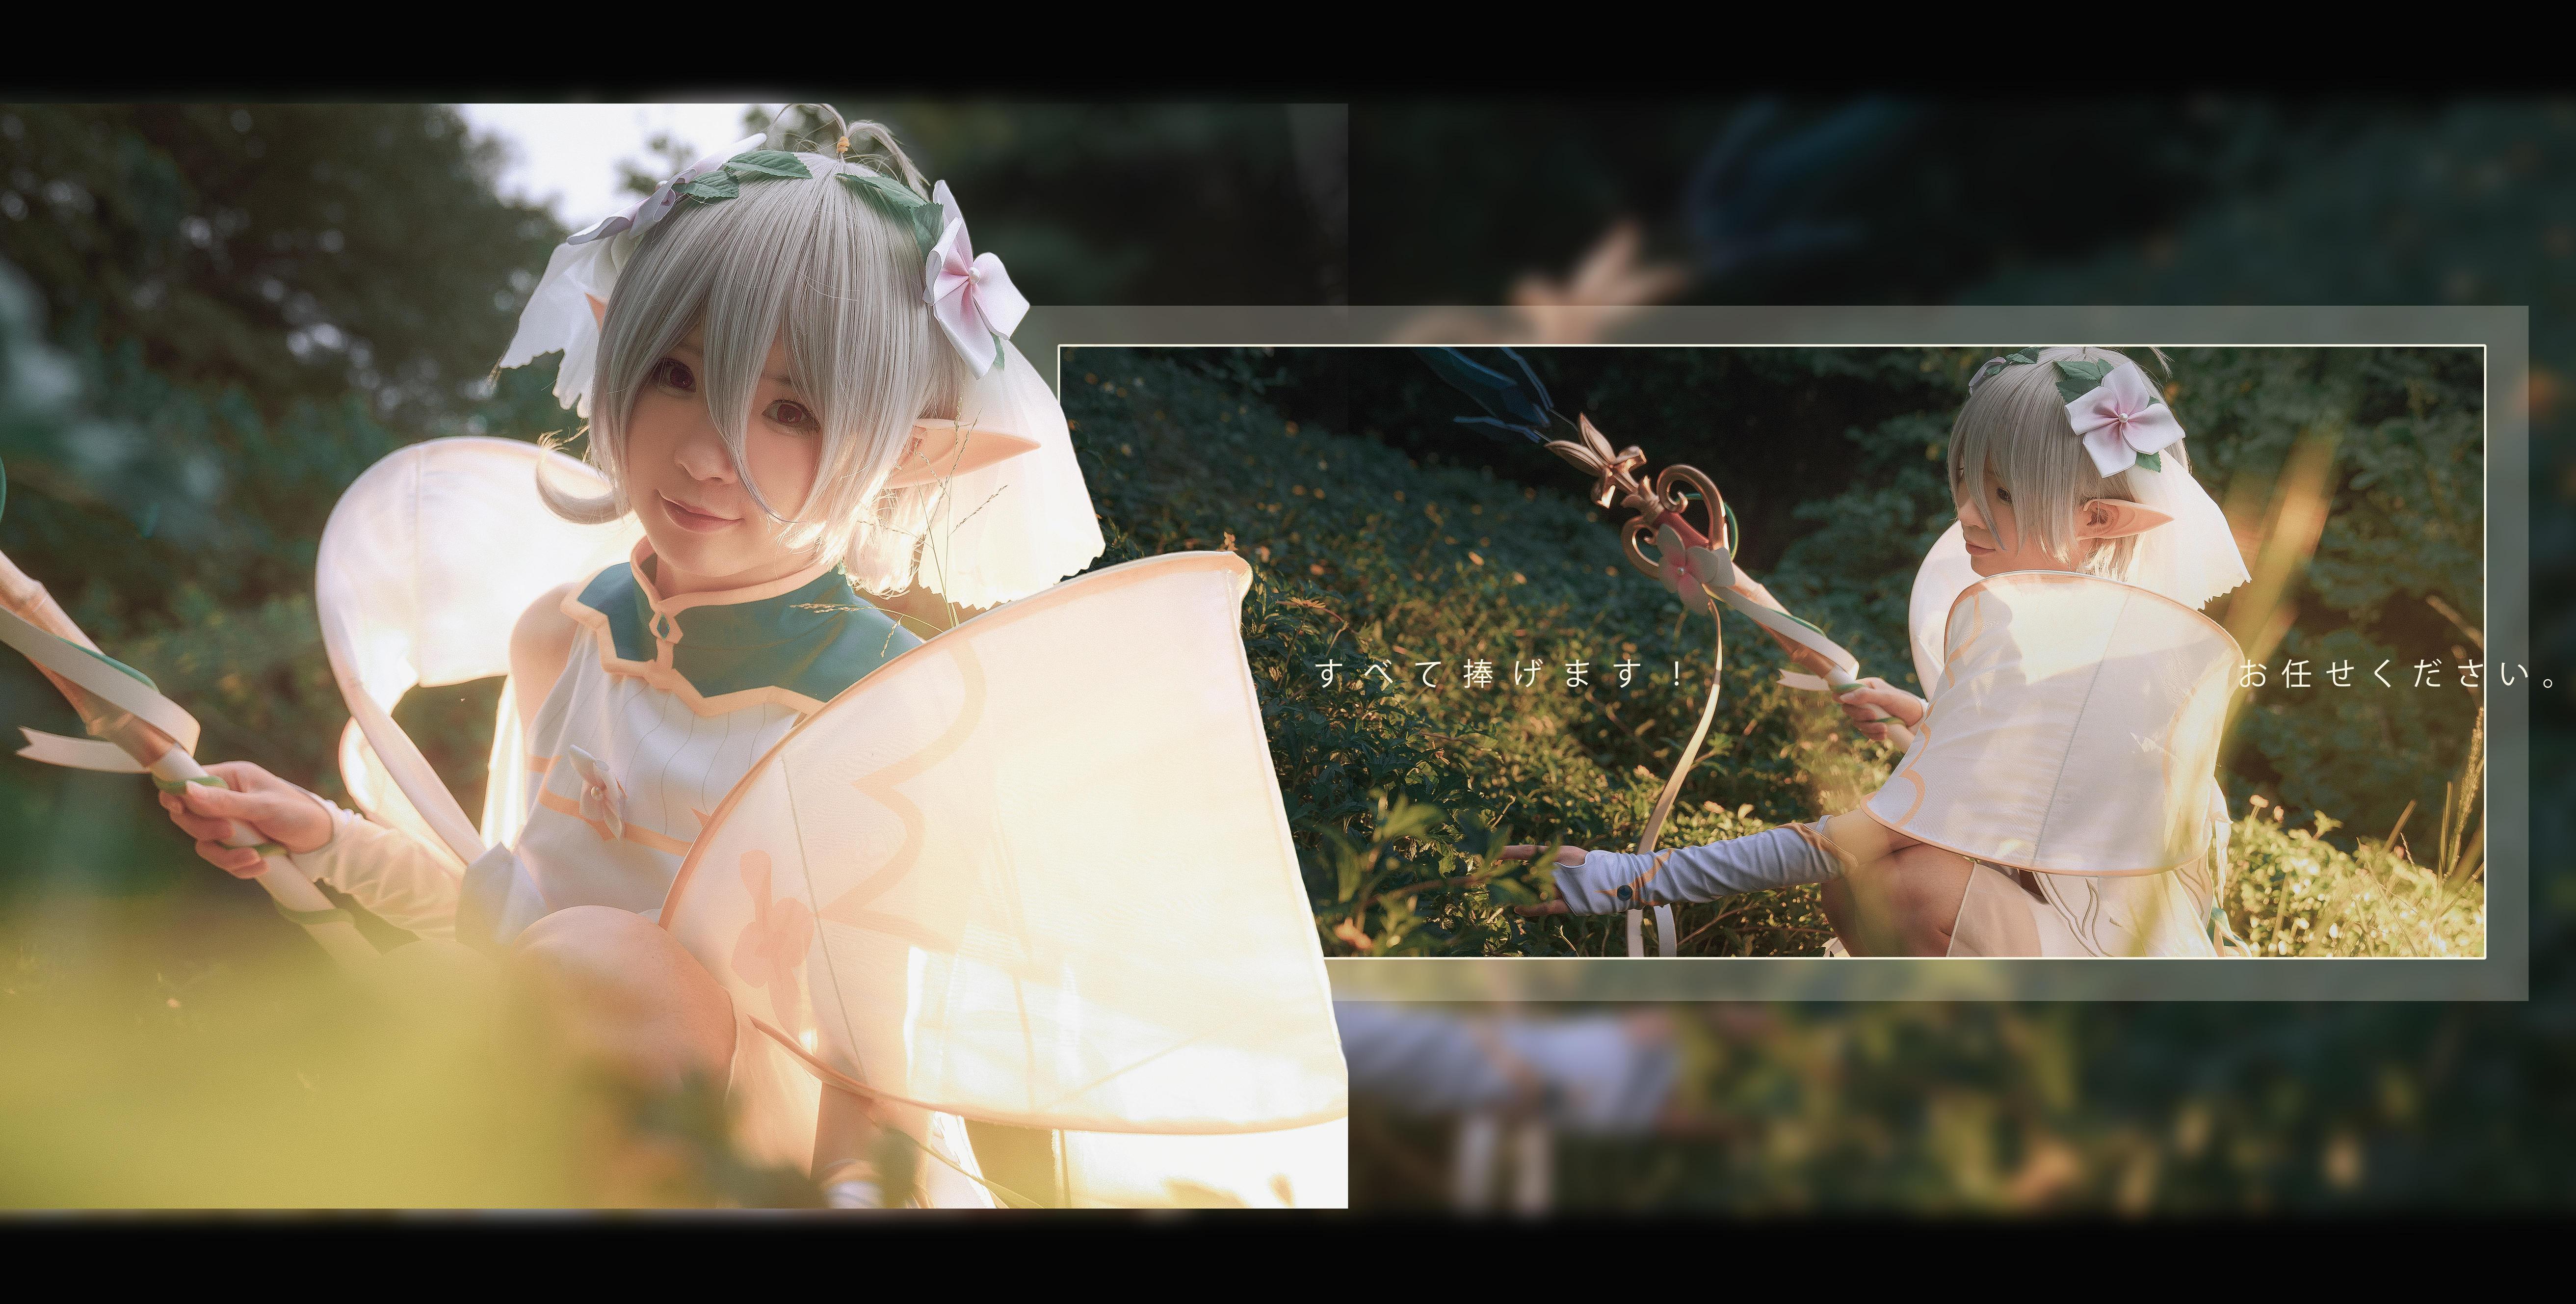 公主cosplay【CN:某科学的家里蹲】-第3张